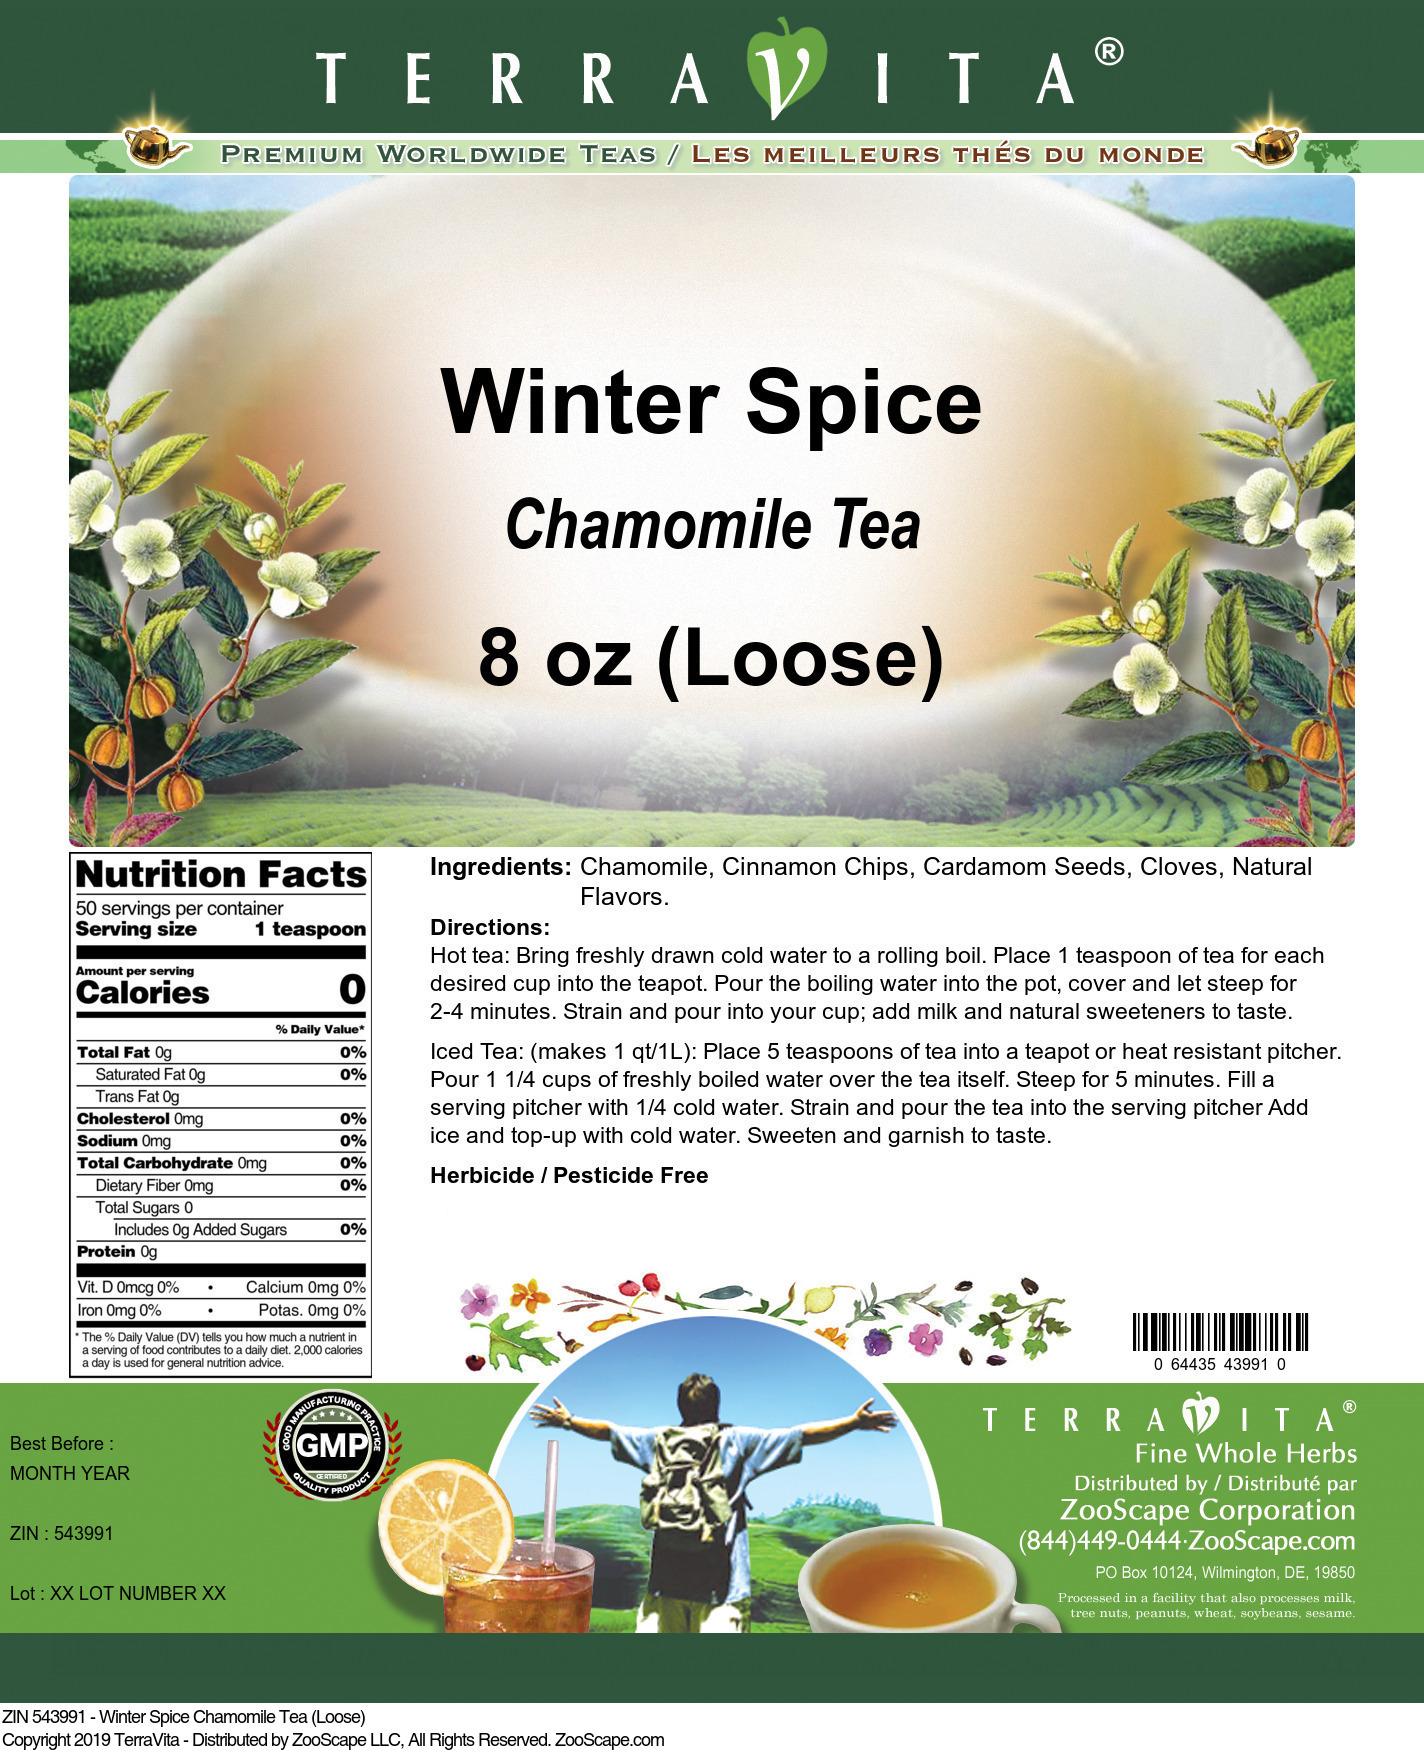 Winter Spice Chamomile Tea